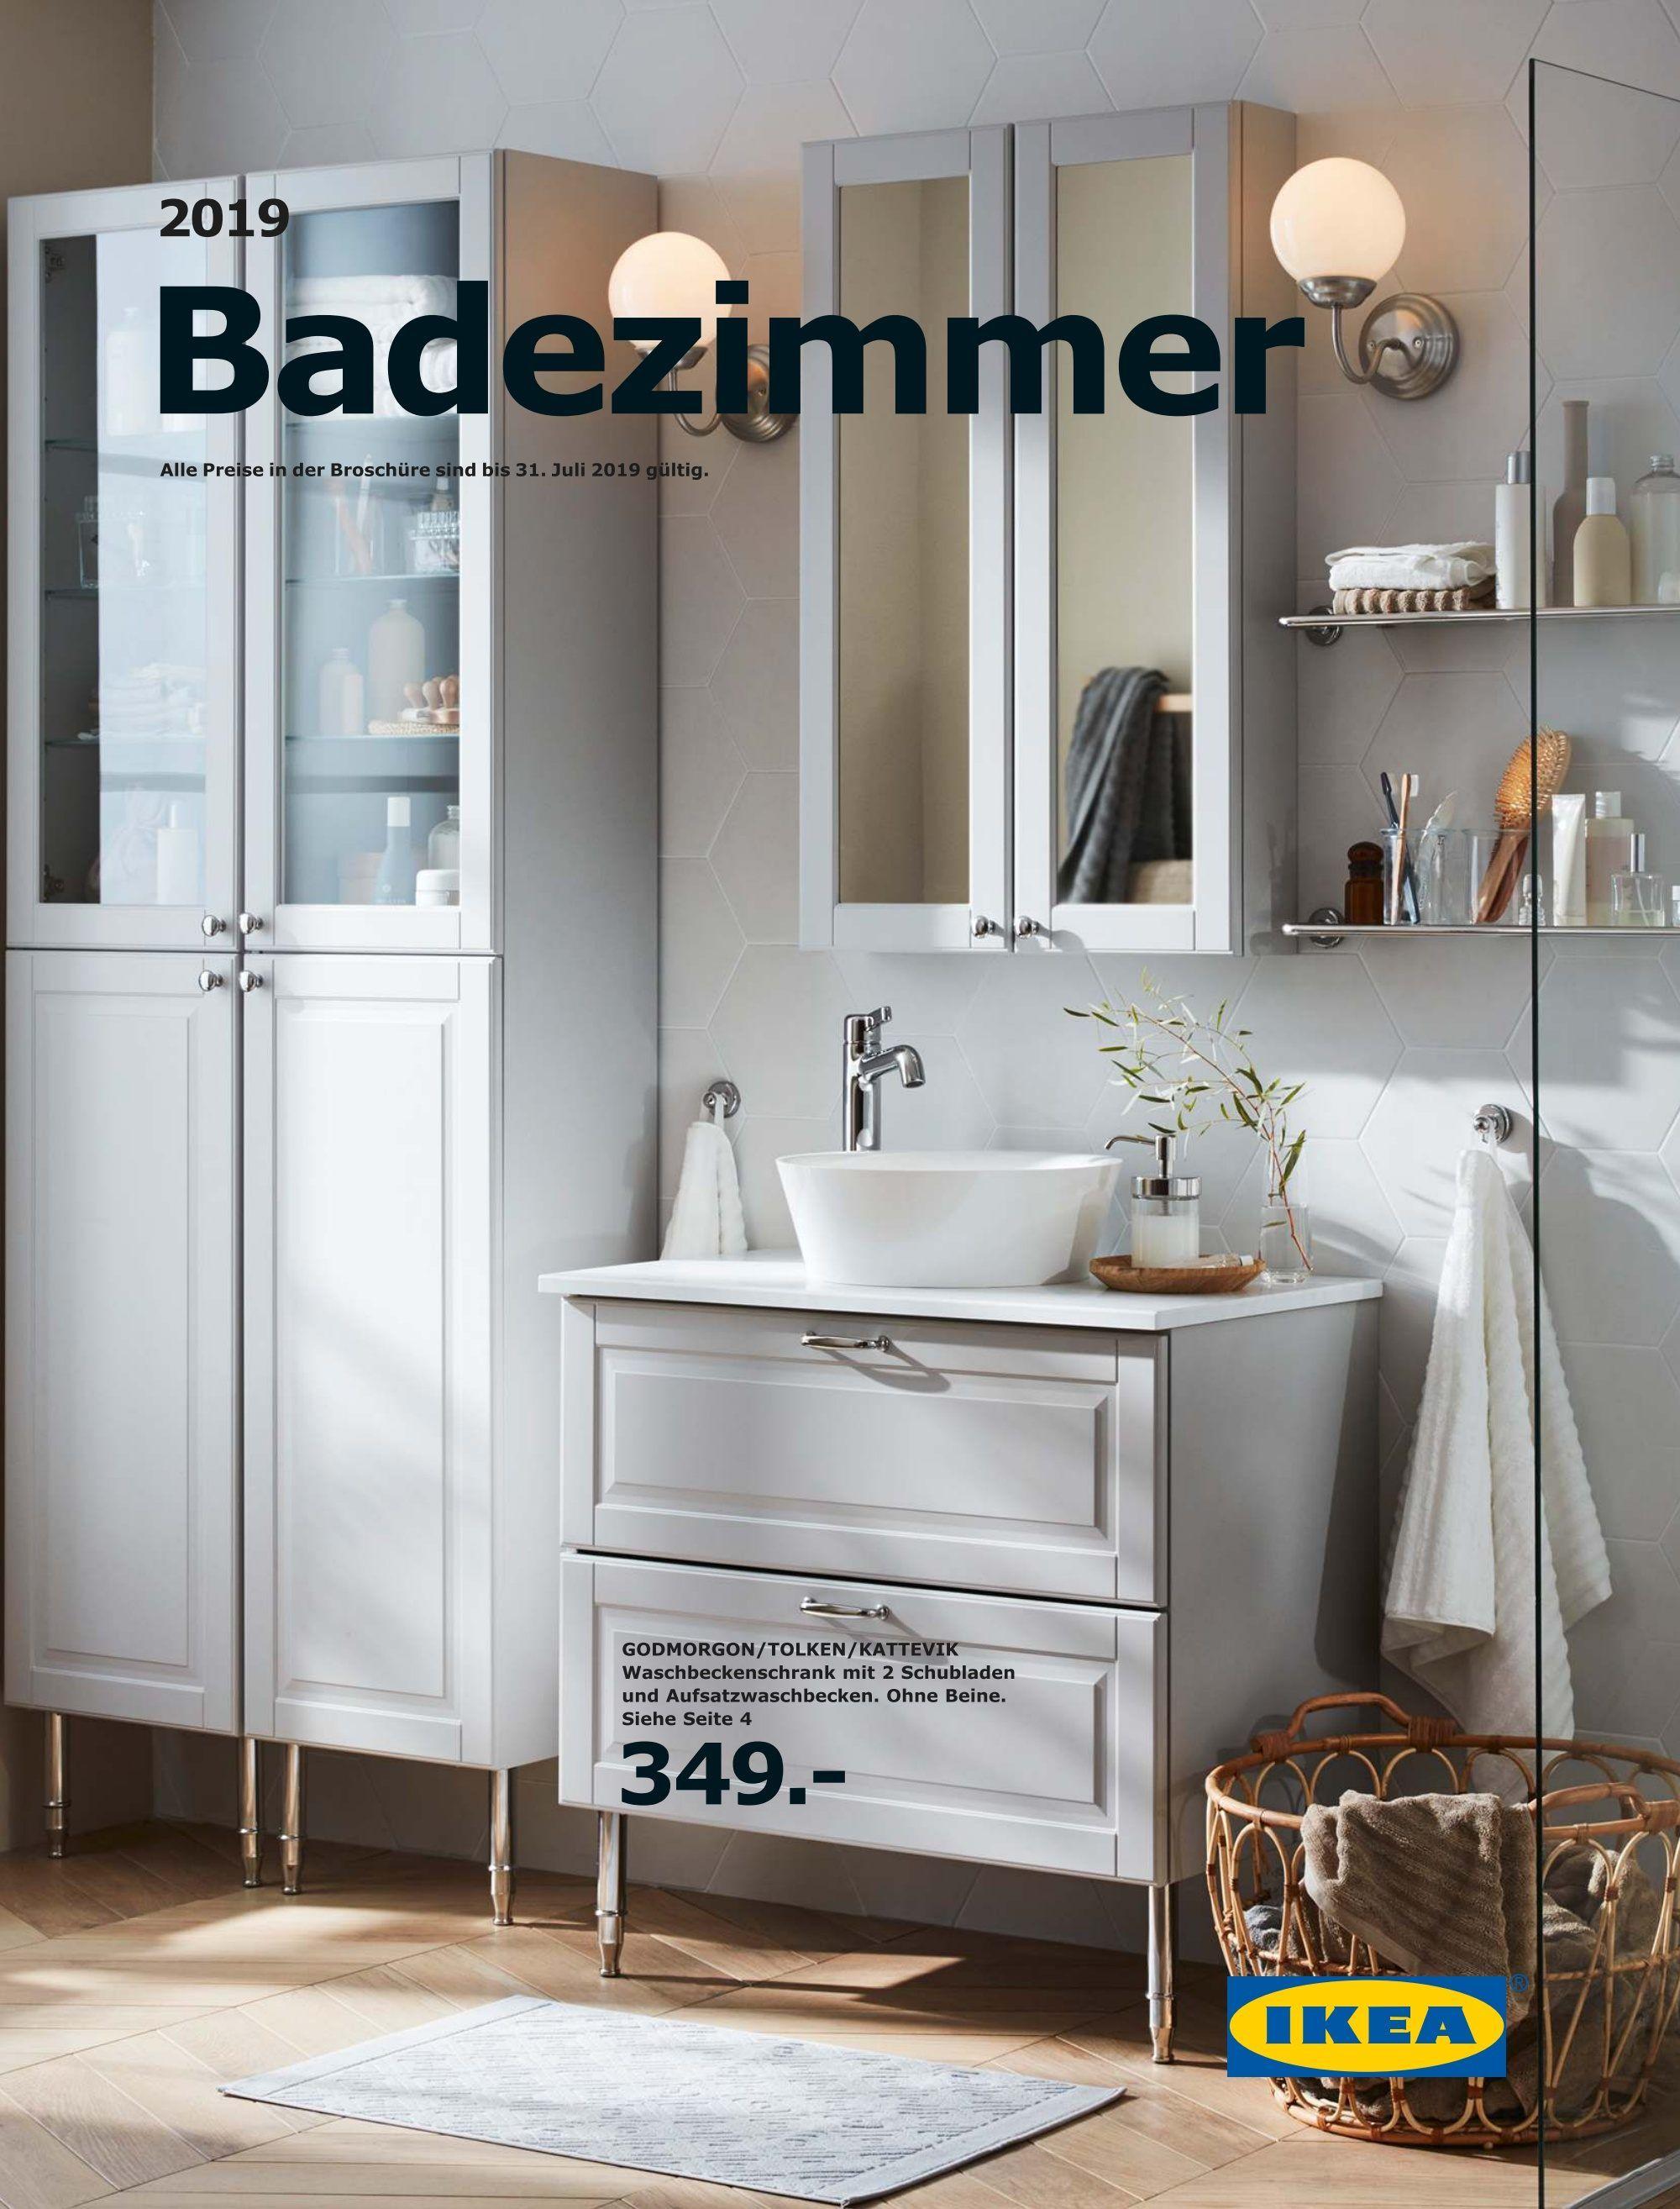 Ikea Kasten Badezimmer Badezimmer Badezimmer Design Waschbeckenschrank